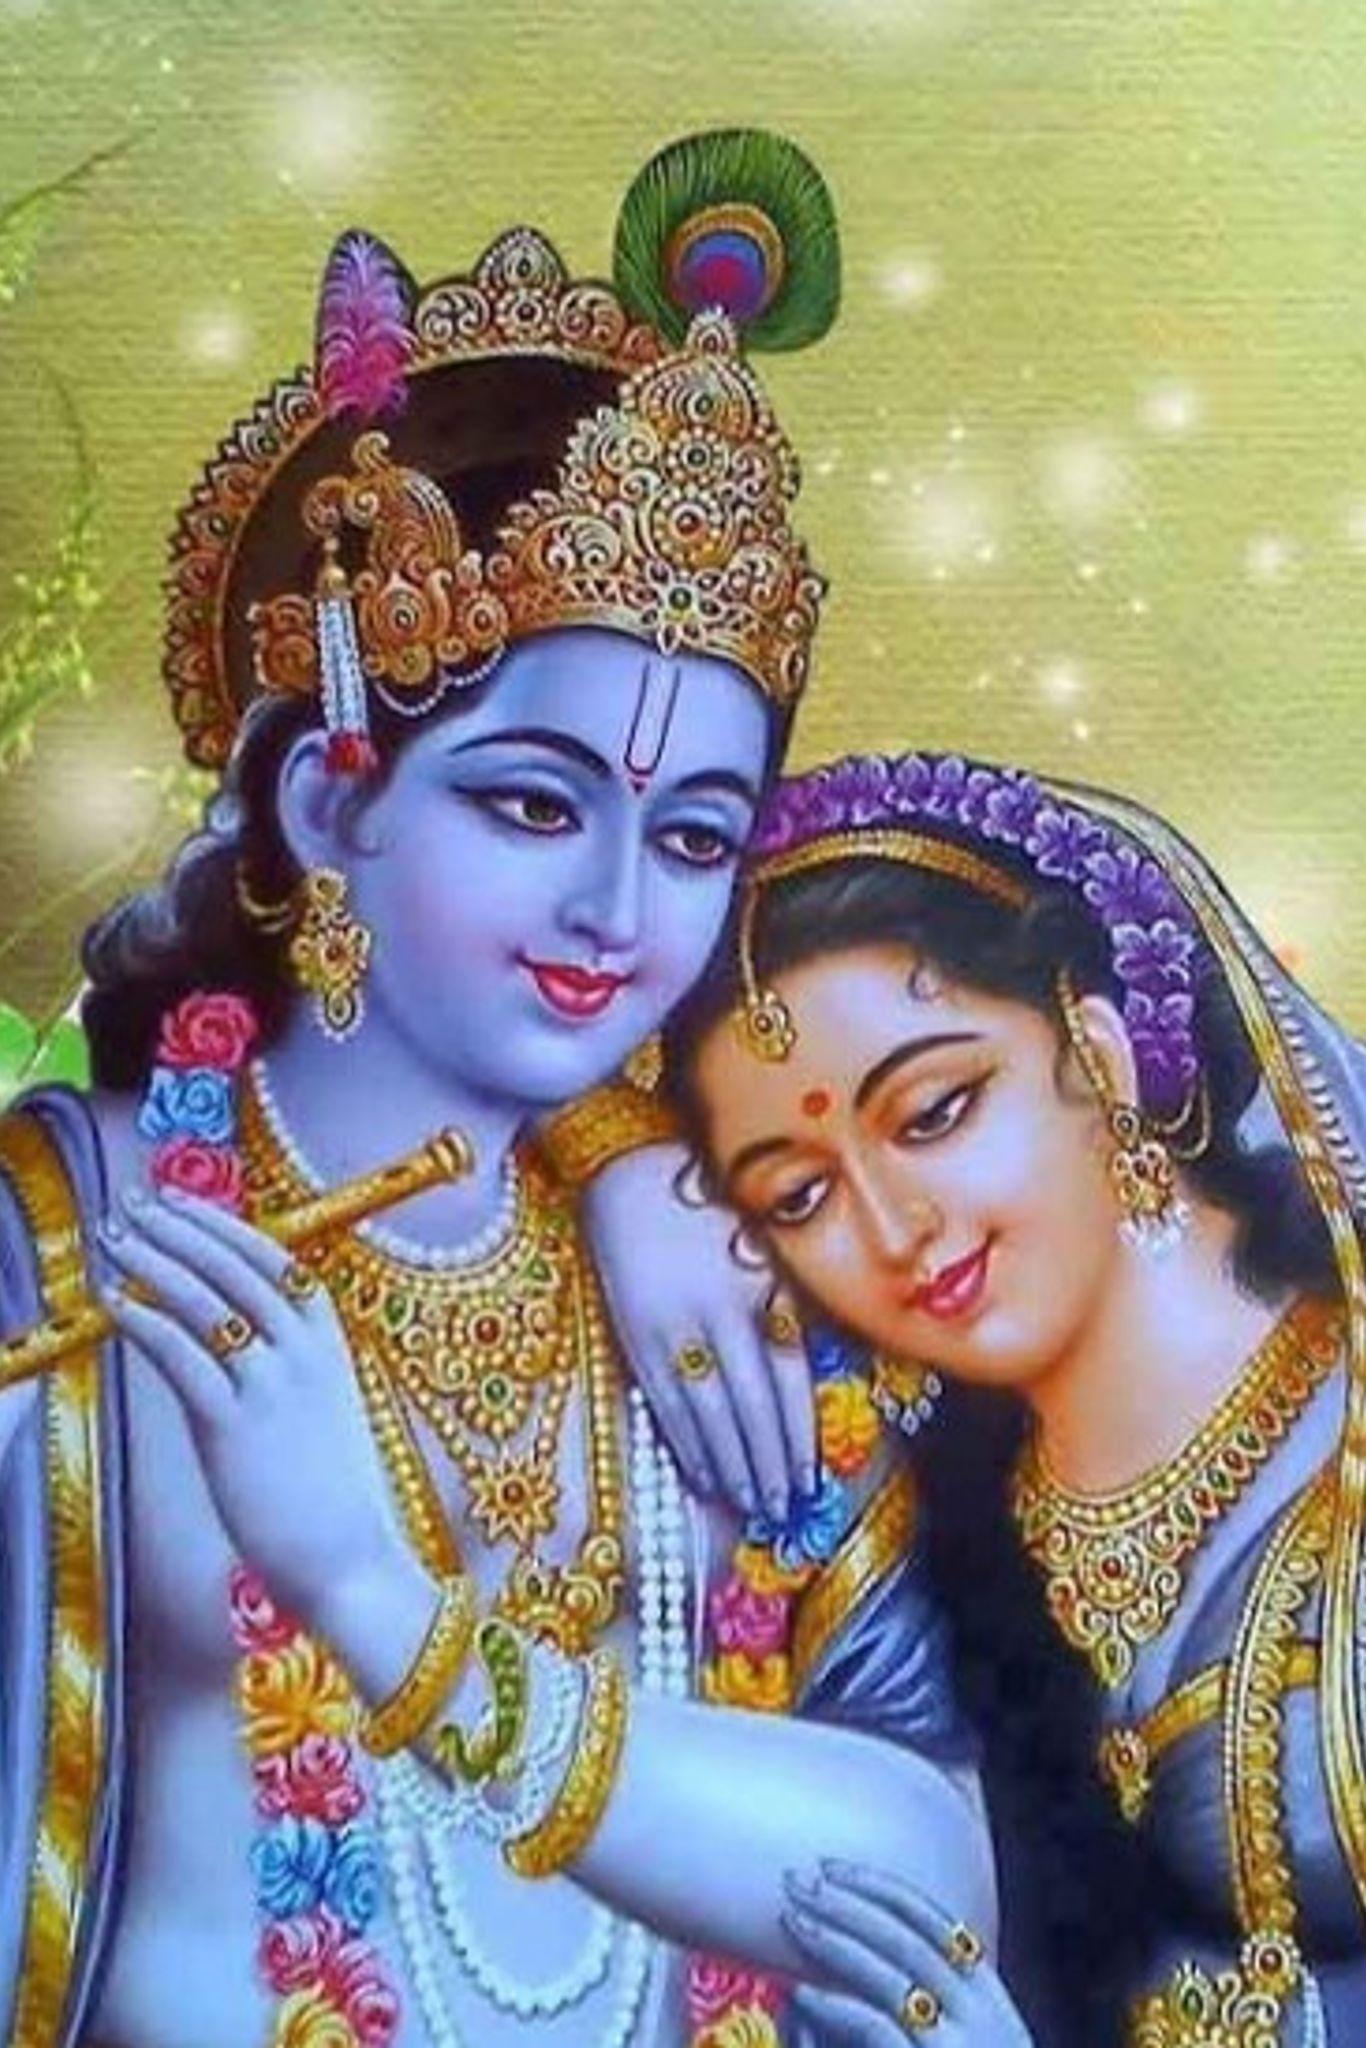 photos in home, vastu tips for home, vastu tips in hindi, tips about home,  vastu facts for happiness   घर में राधा-कृष्ण की तस्वीर लगाने से वैवाहिक  जीवन में बनी रहती है